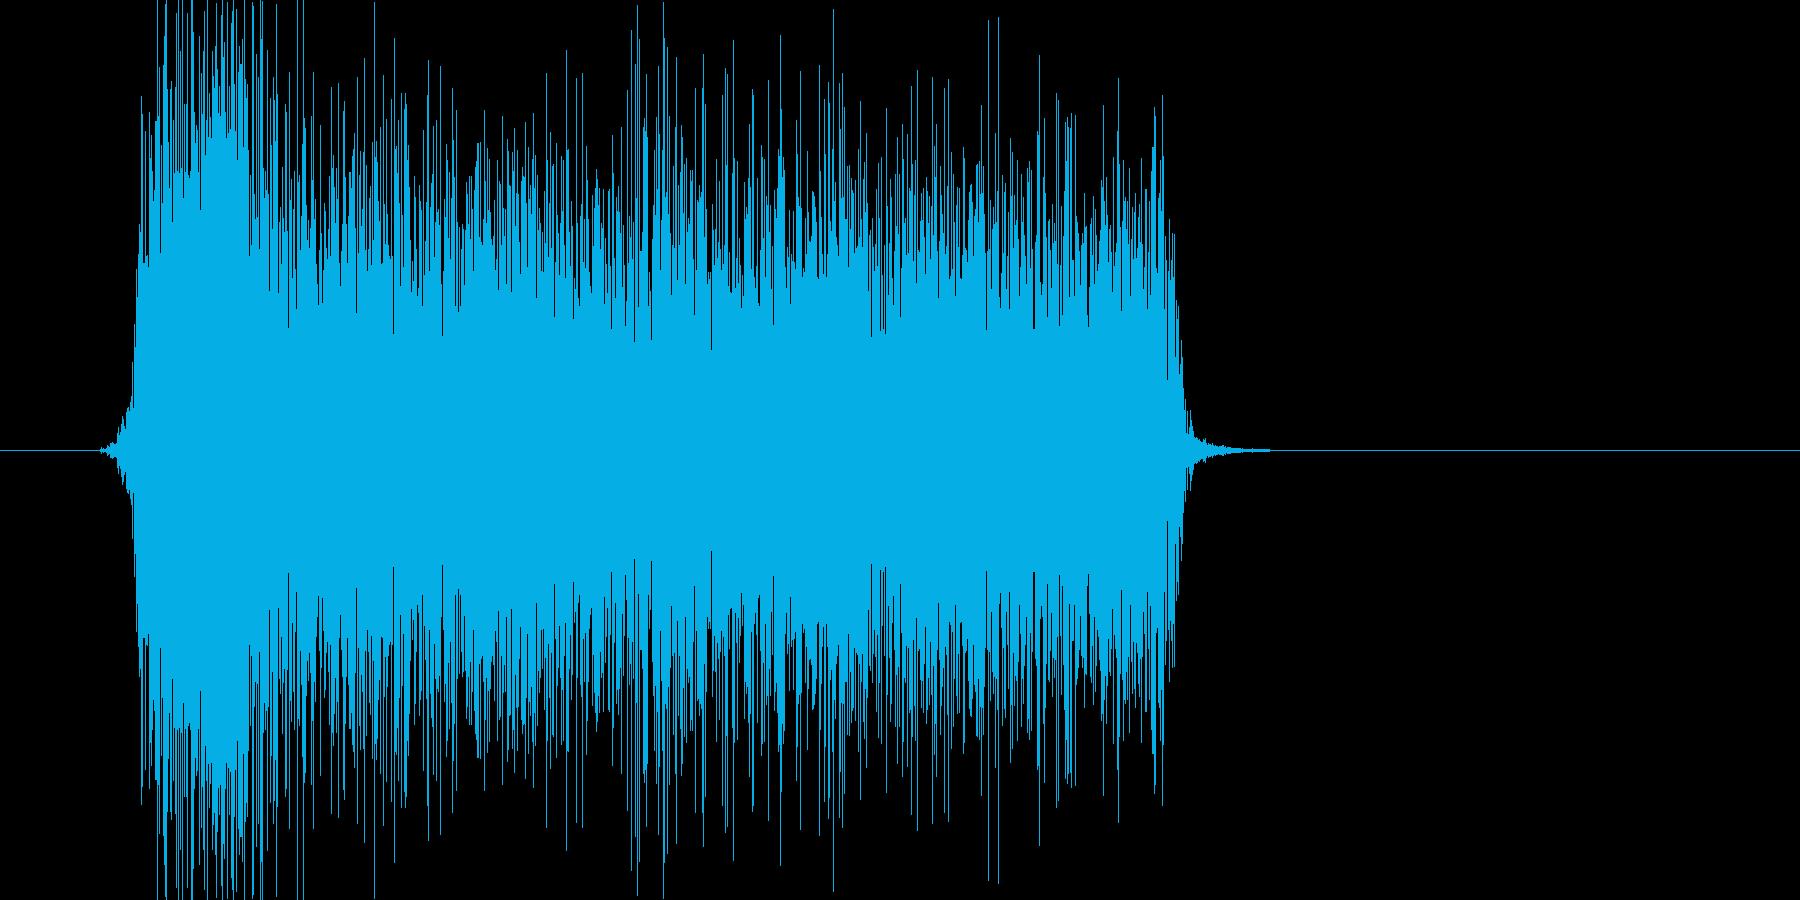 シューッ(スプレー、落書き、ペイント)の再生済みの波形